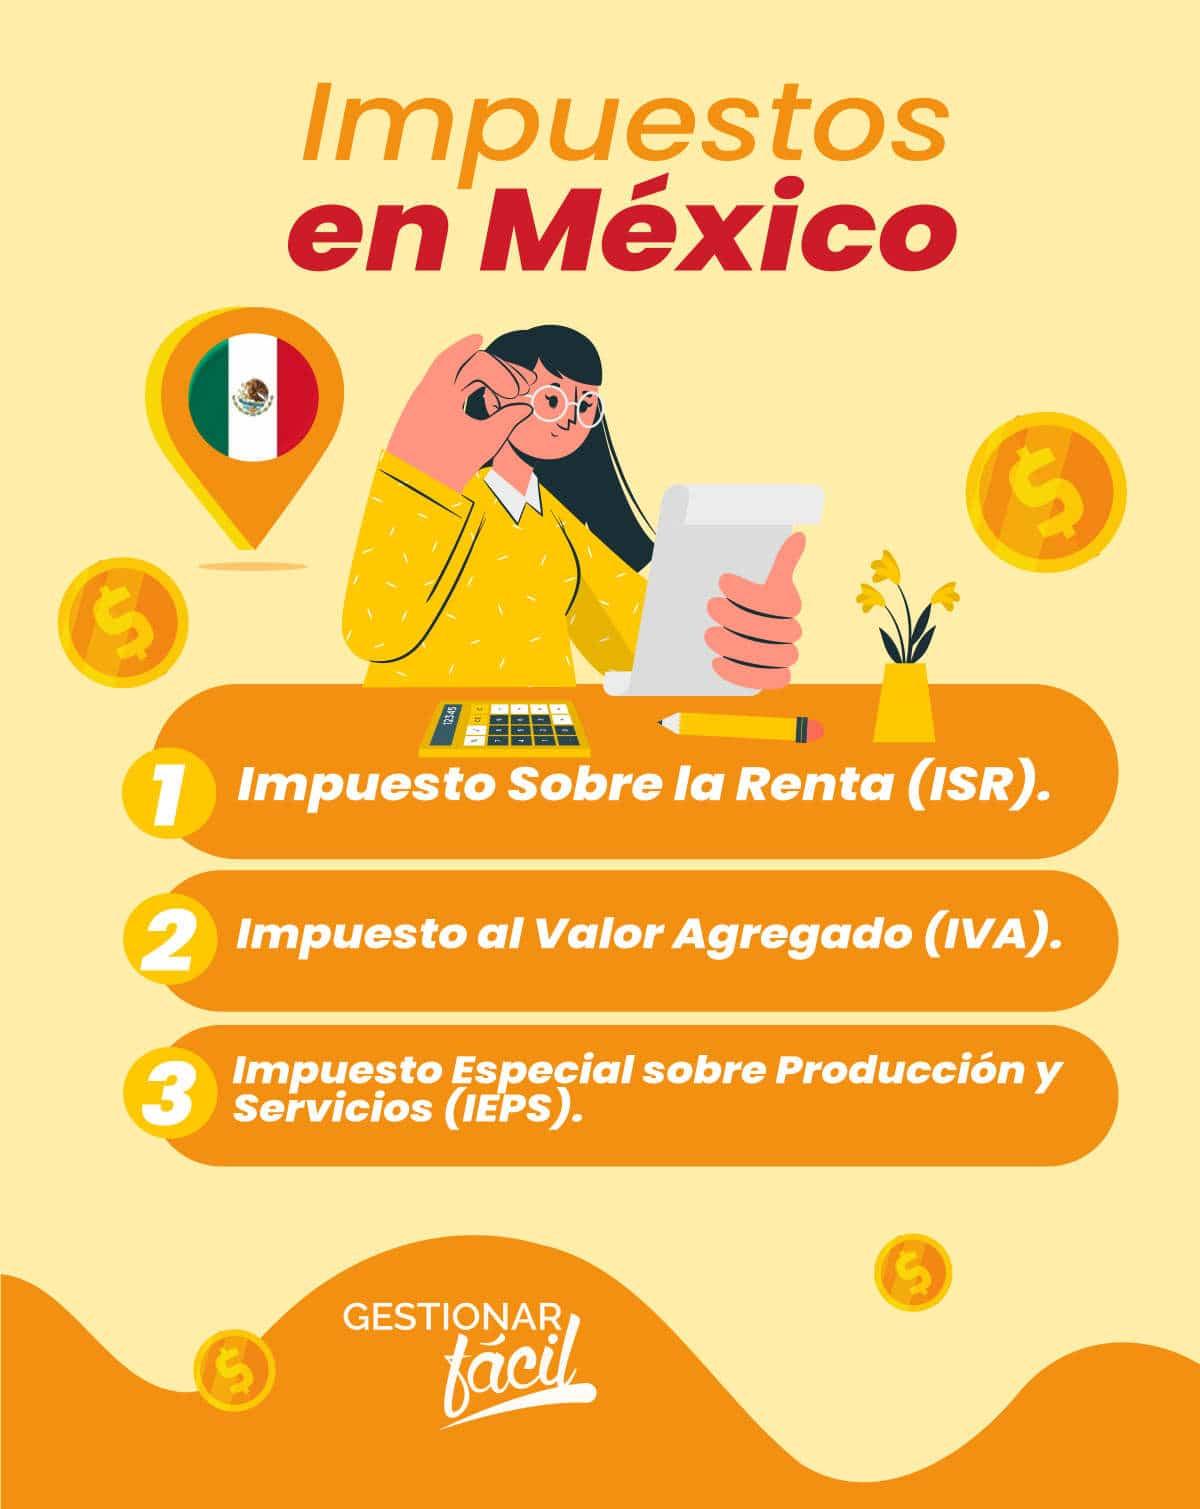 Impuestos en México.